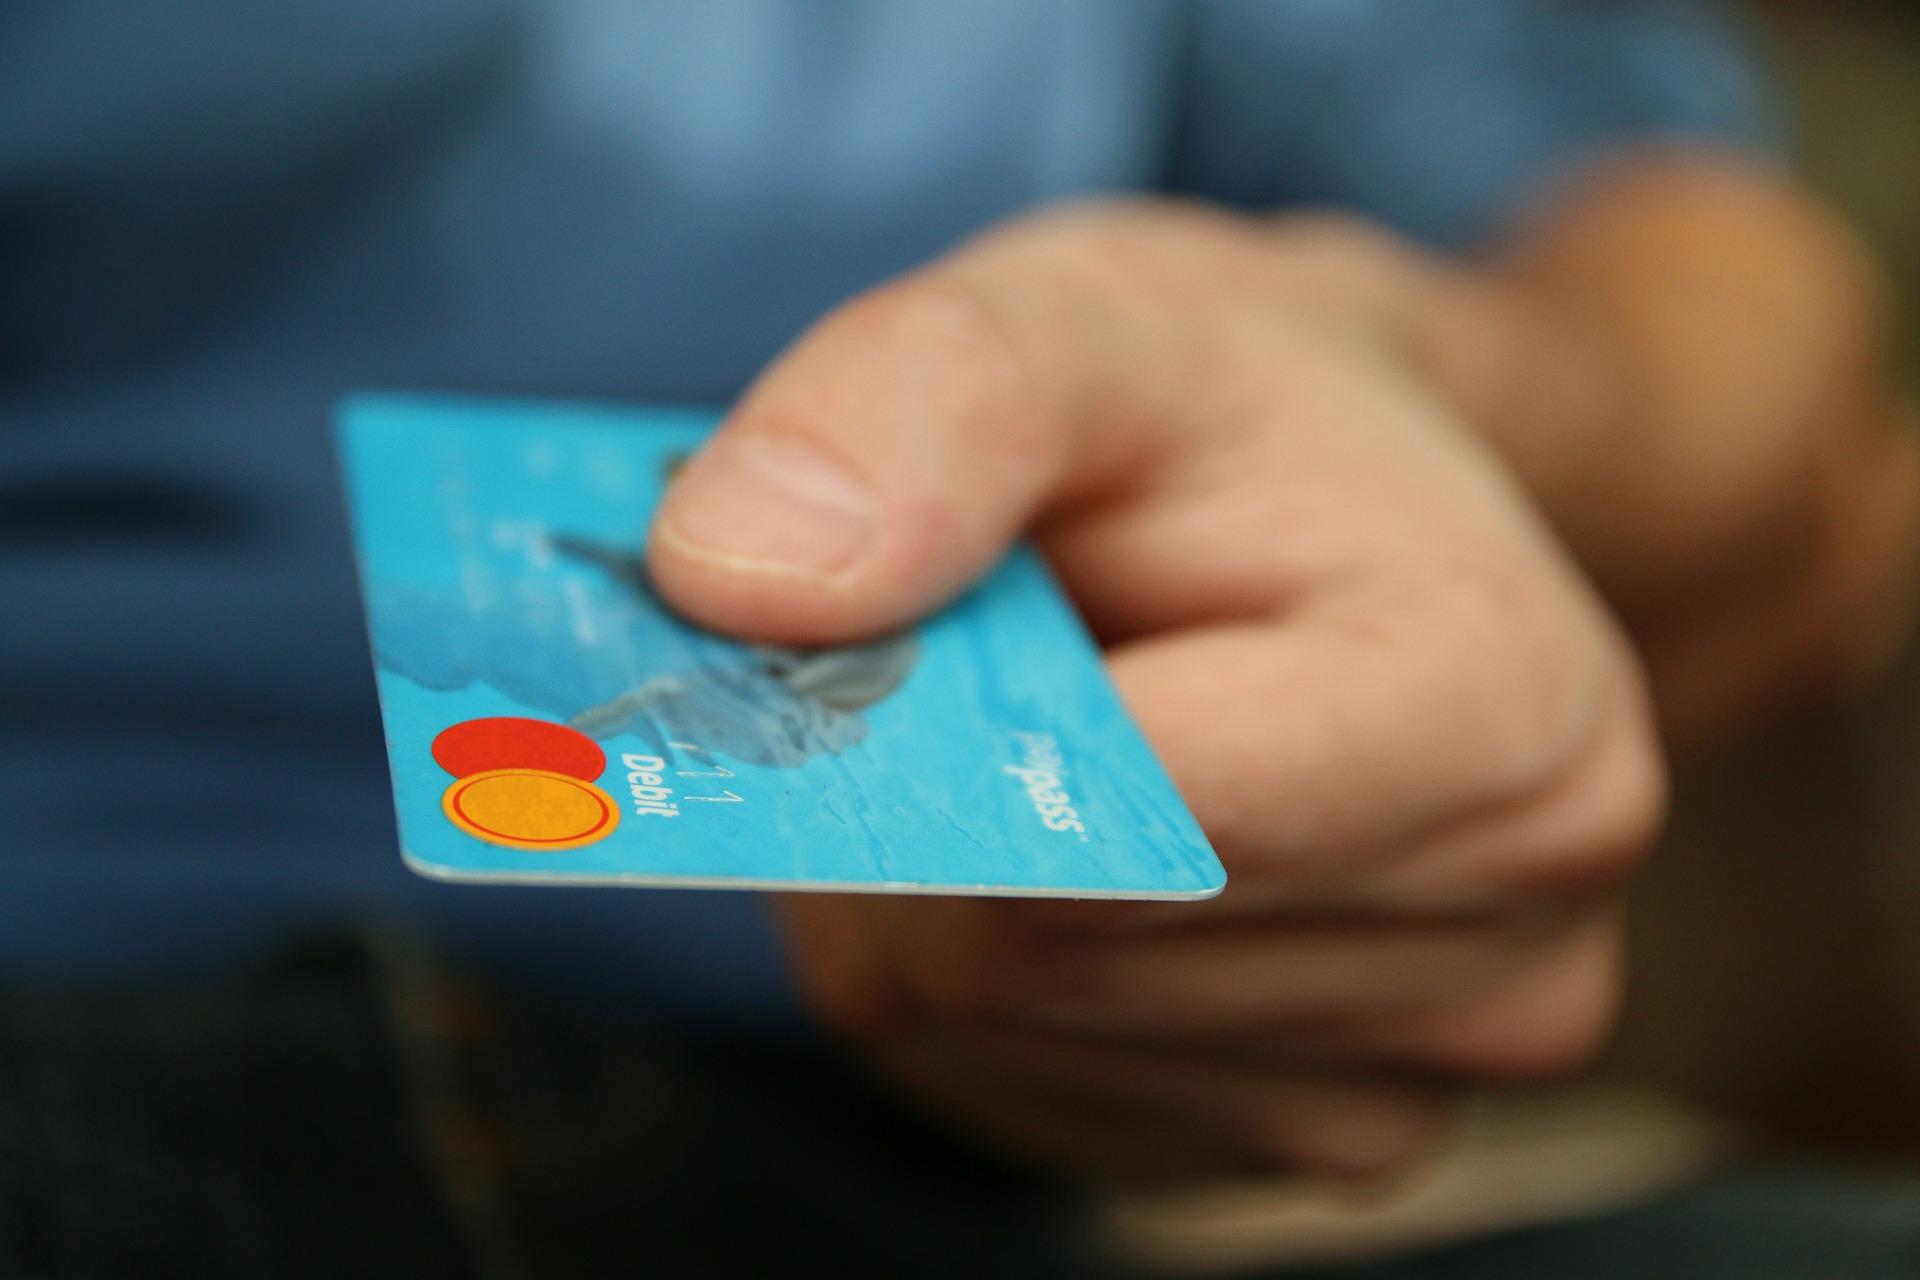 รู้ยัง? ยกเลิกบัตรเอทีเอ็ม-บัตรเดบิต ขอคืนค่าธรรมเนียมได้ – การเงิน